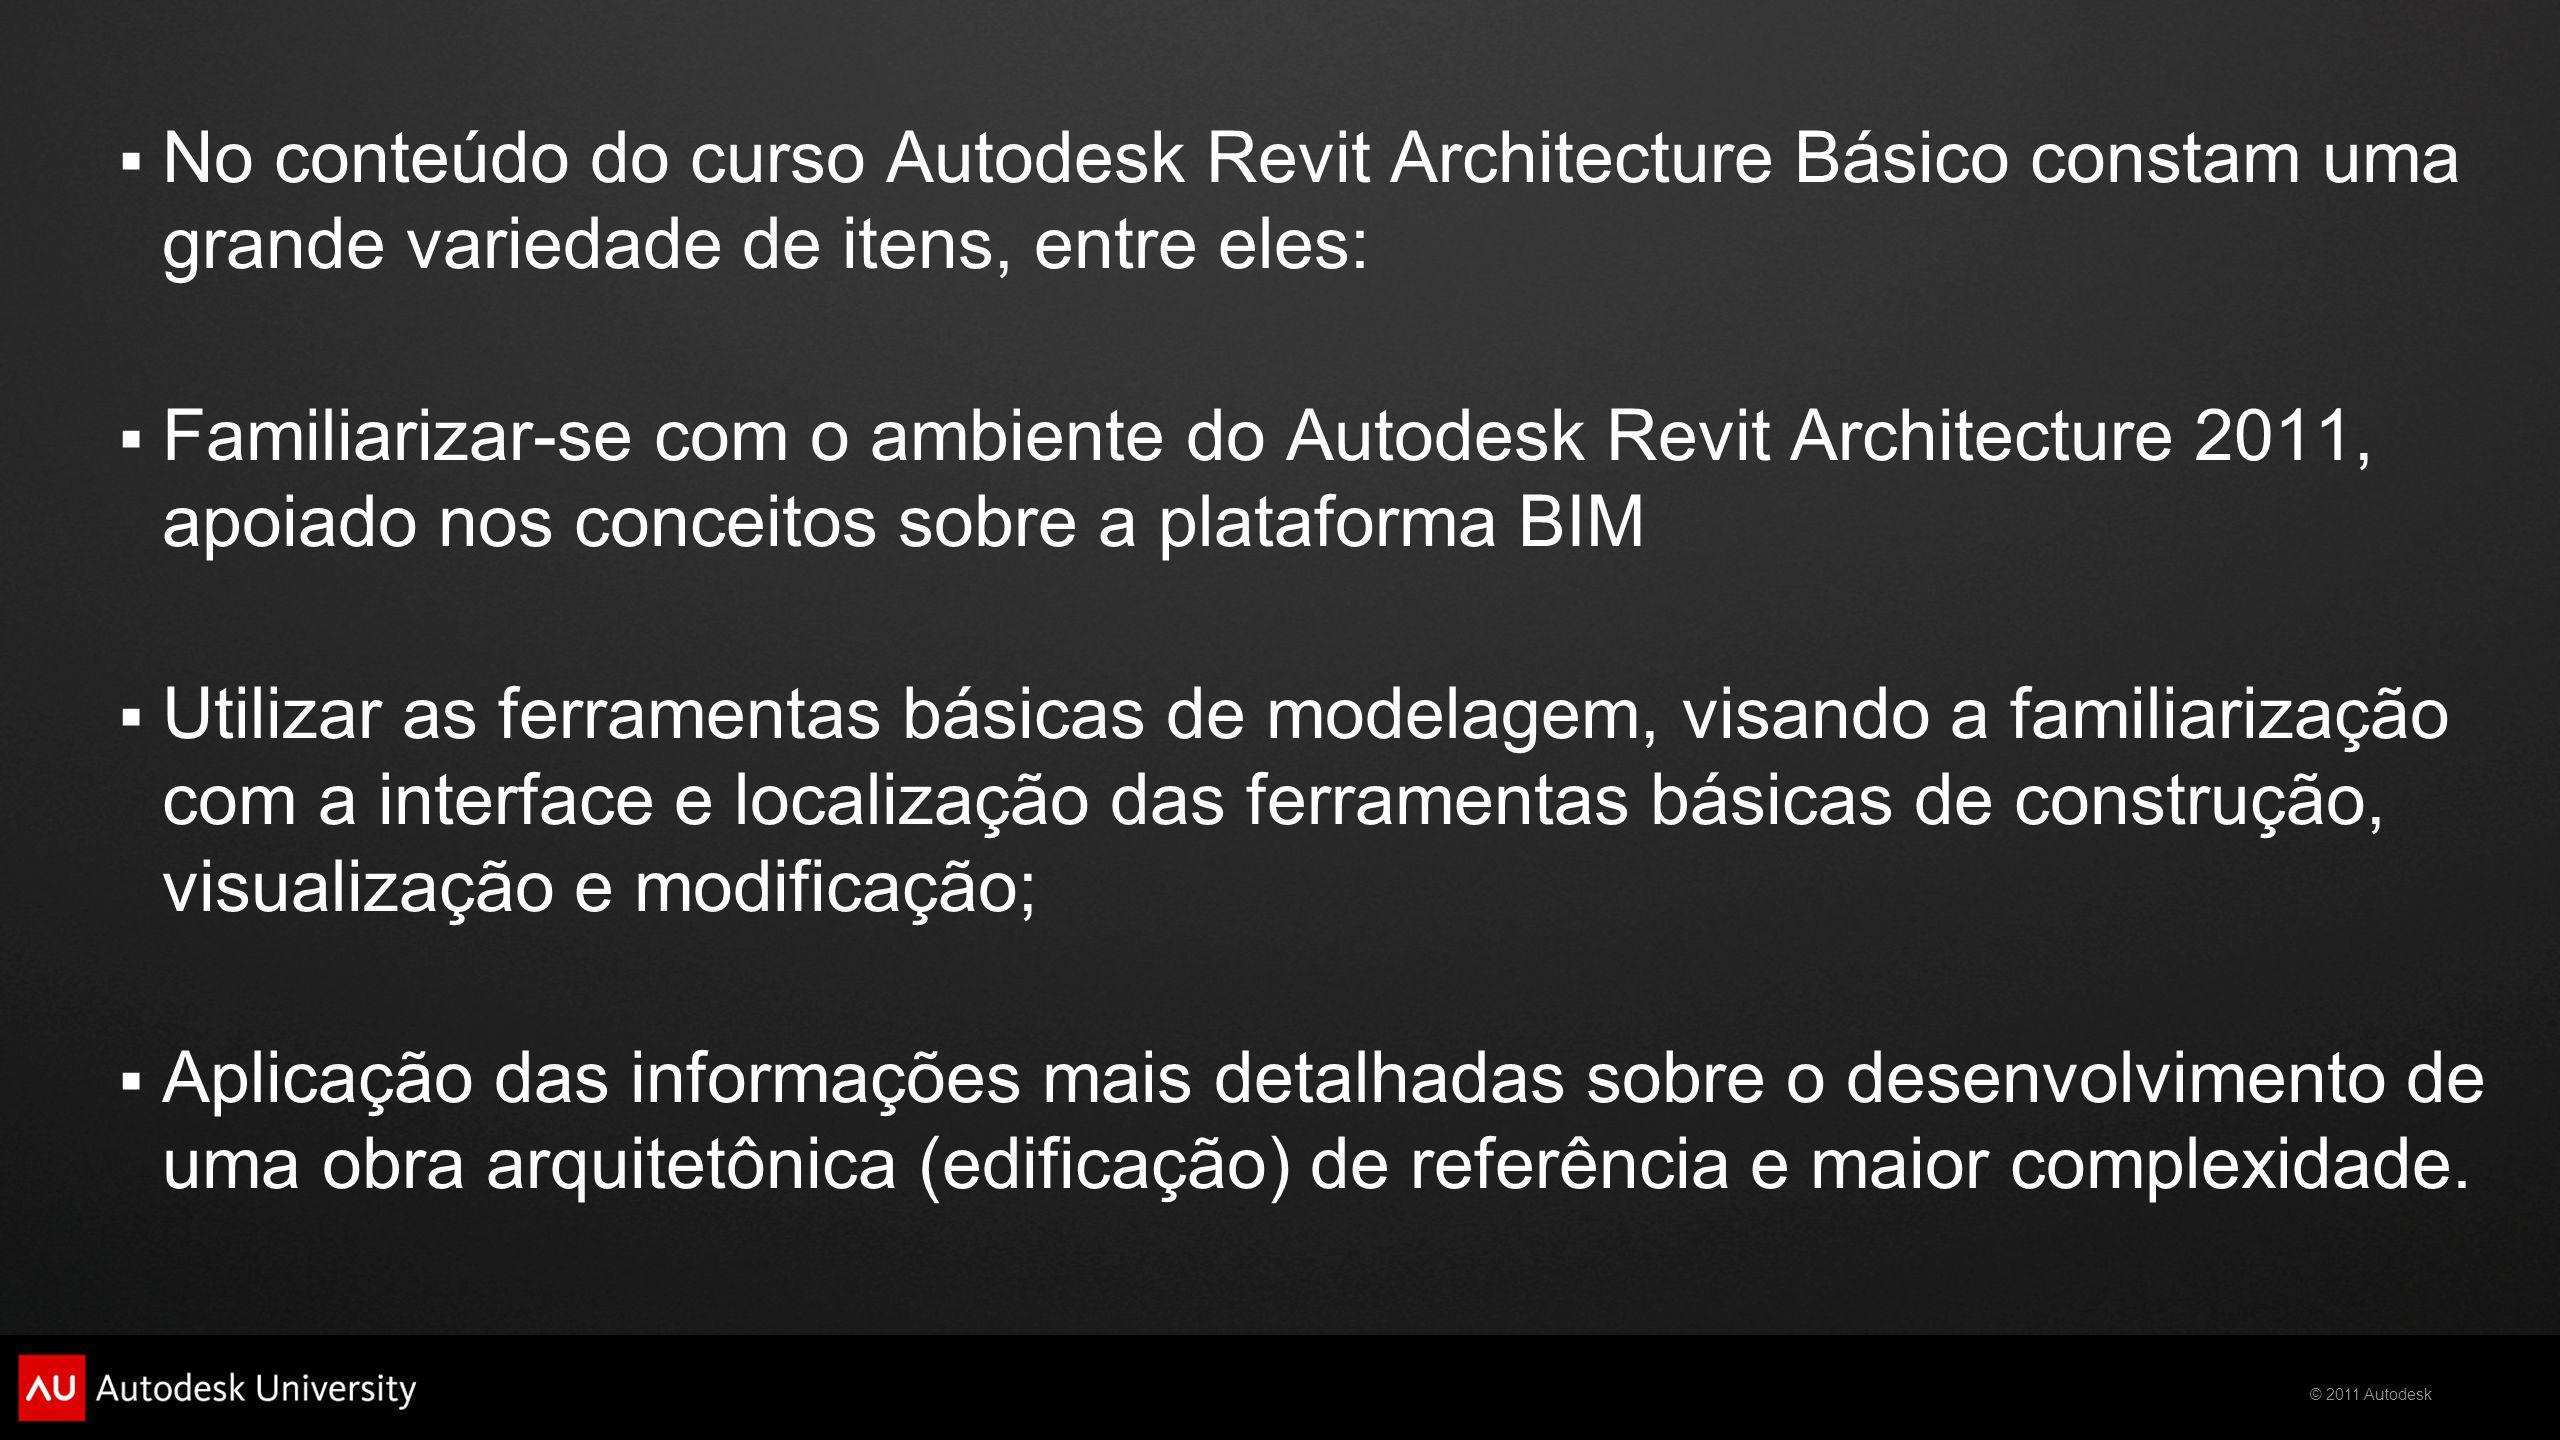 No conteúdo do curso Autodesk Revit Architecture Básico constam uma grande variedade de itens, entre eles: